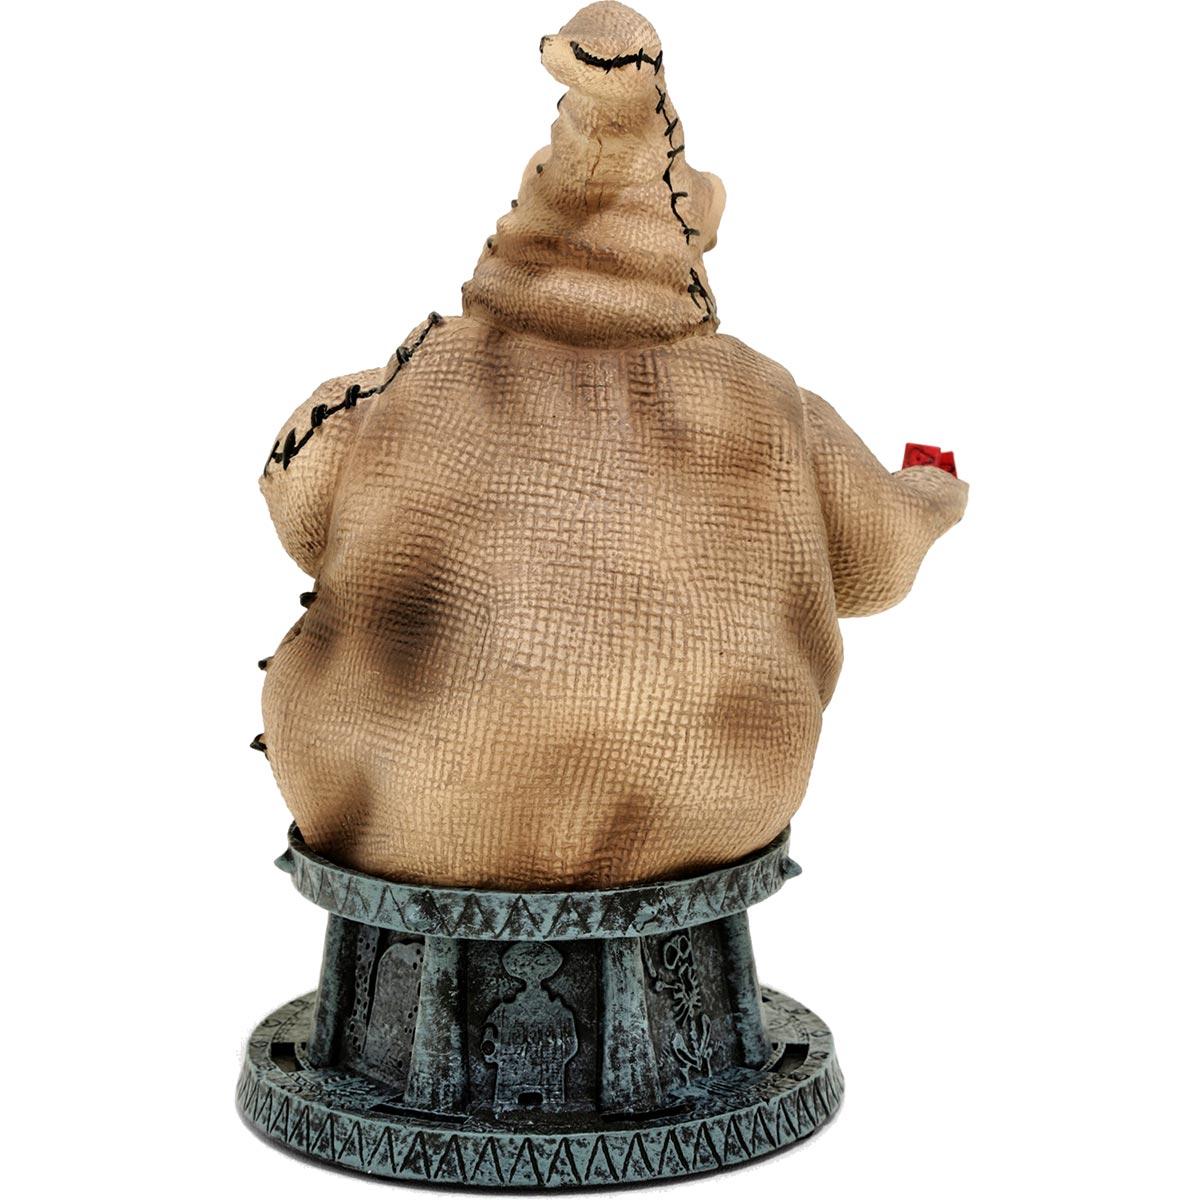 nightmare before christmas oogie boogie resin bust back - The Nightmare Before Christmas Oogie Boogie